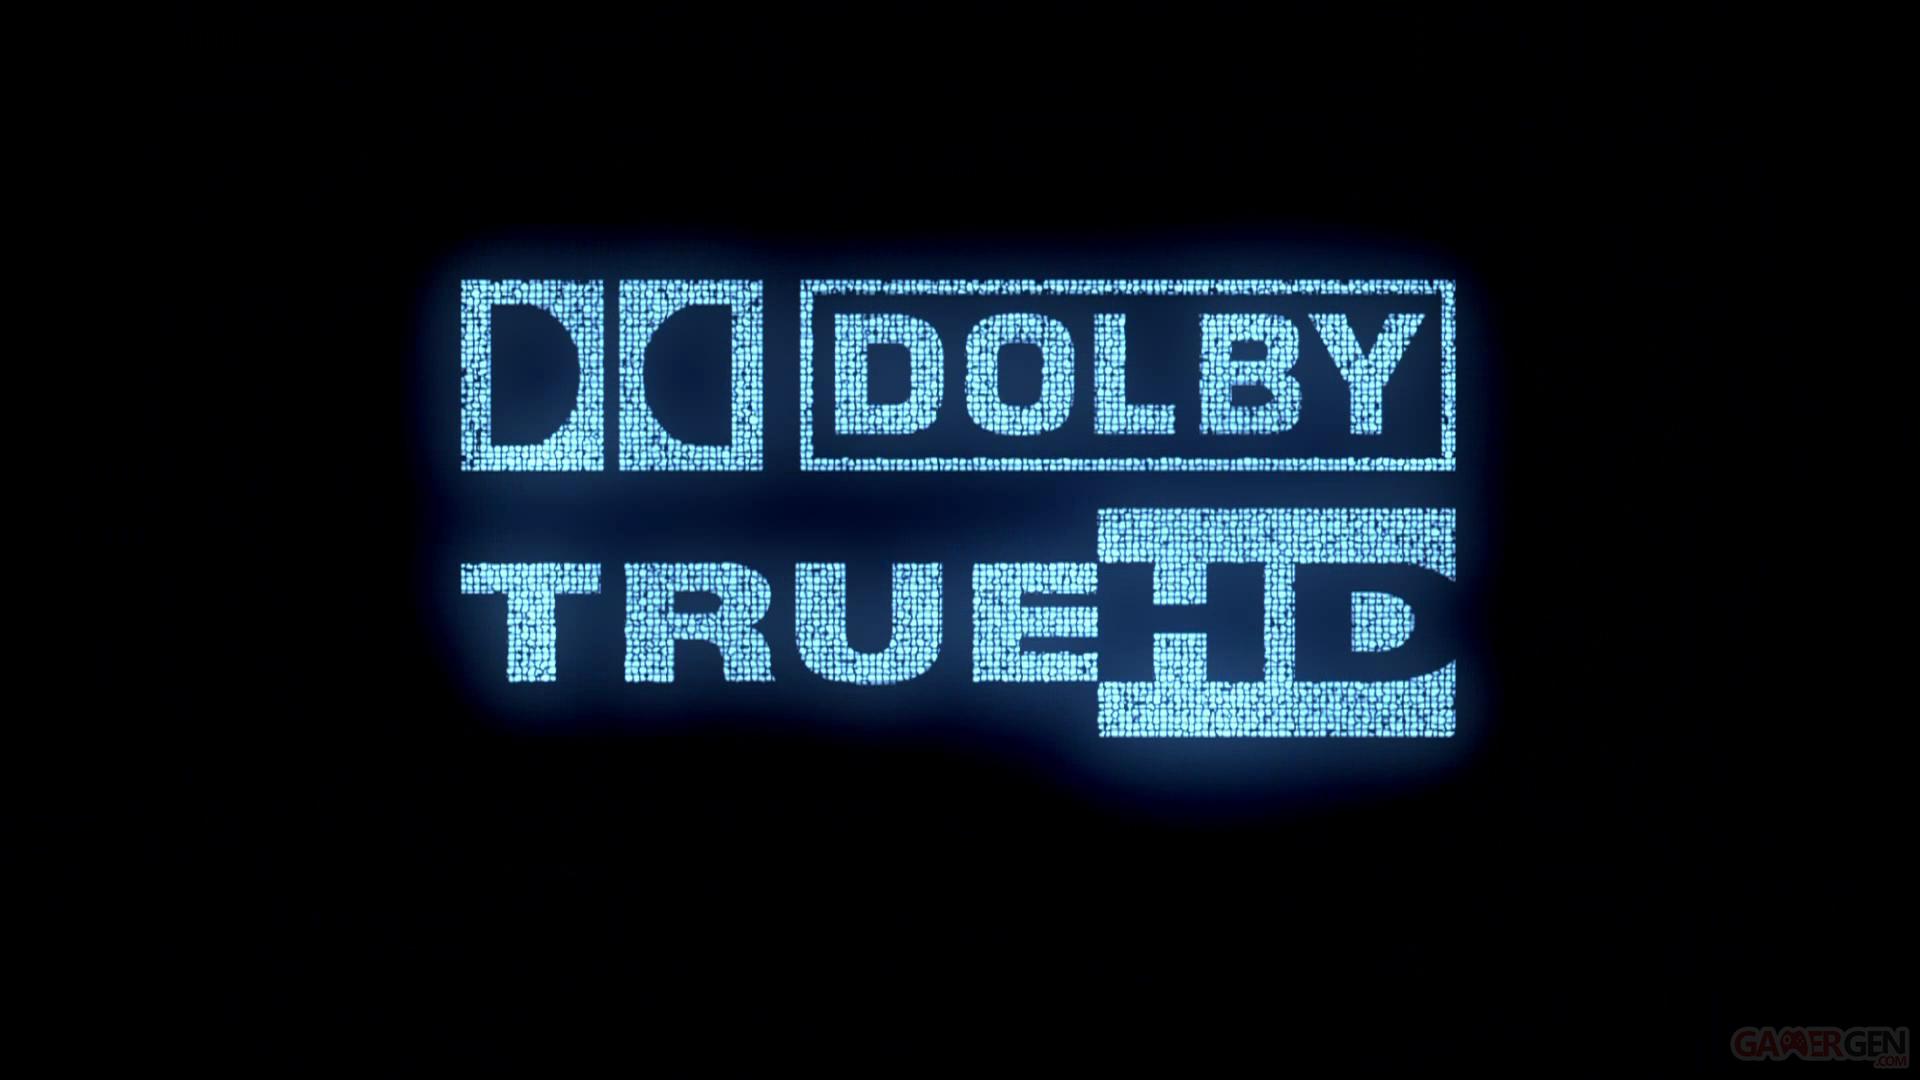 hd_dolby_true_hd035539